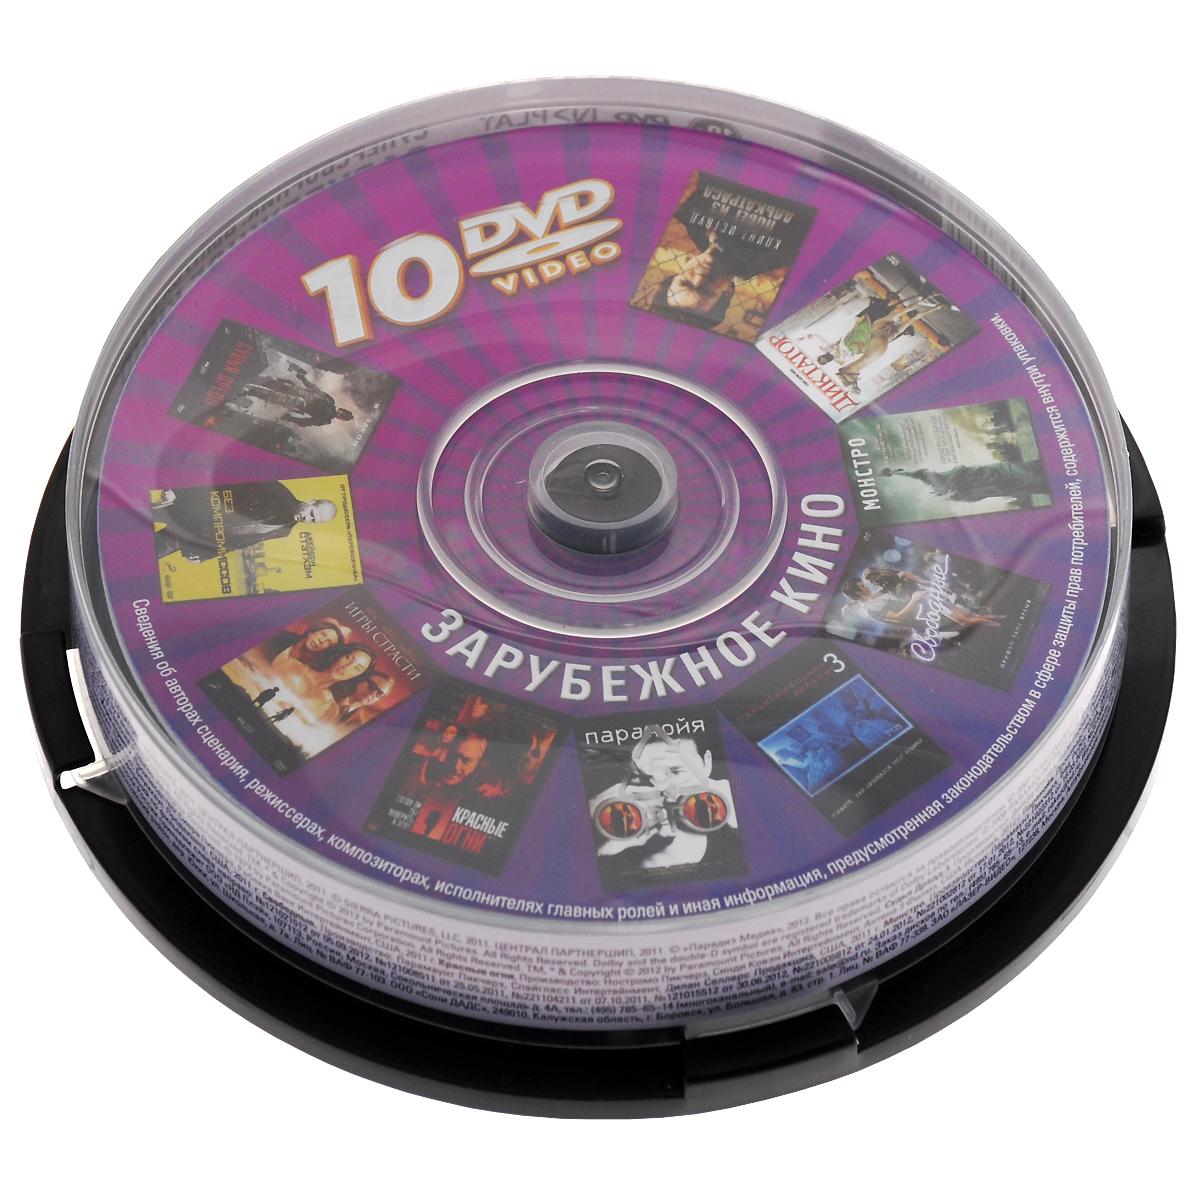 Суперсборник: Выпуск 2: Зарубежное кино (10 DVD) madboy dvd диск караоке мульти кино 1